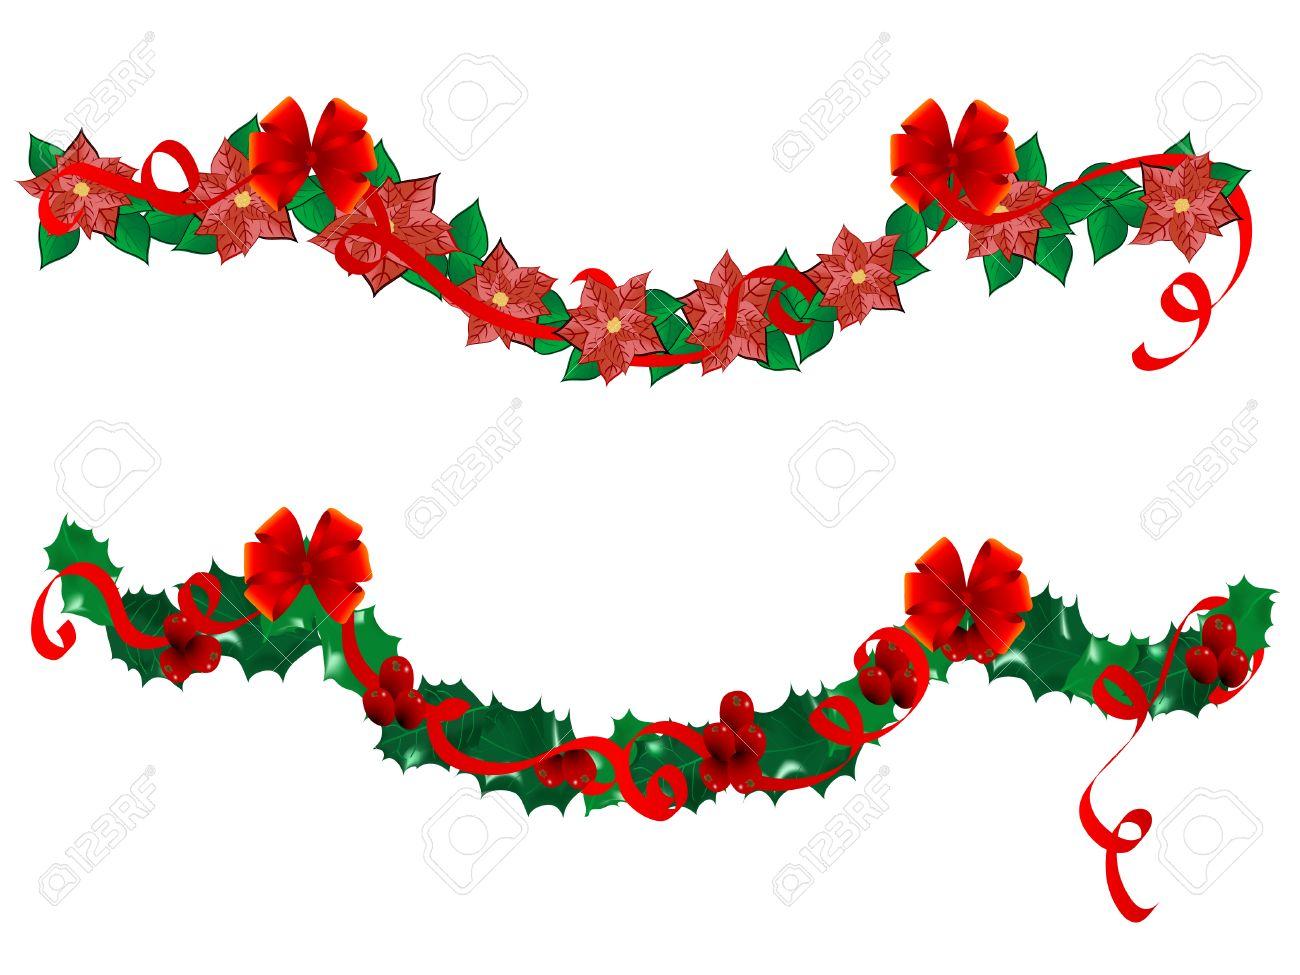 guirnaldas de flores de navidad ilustracin vectorial foto de archivo 6081205